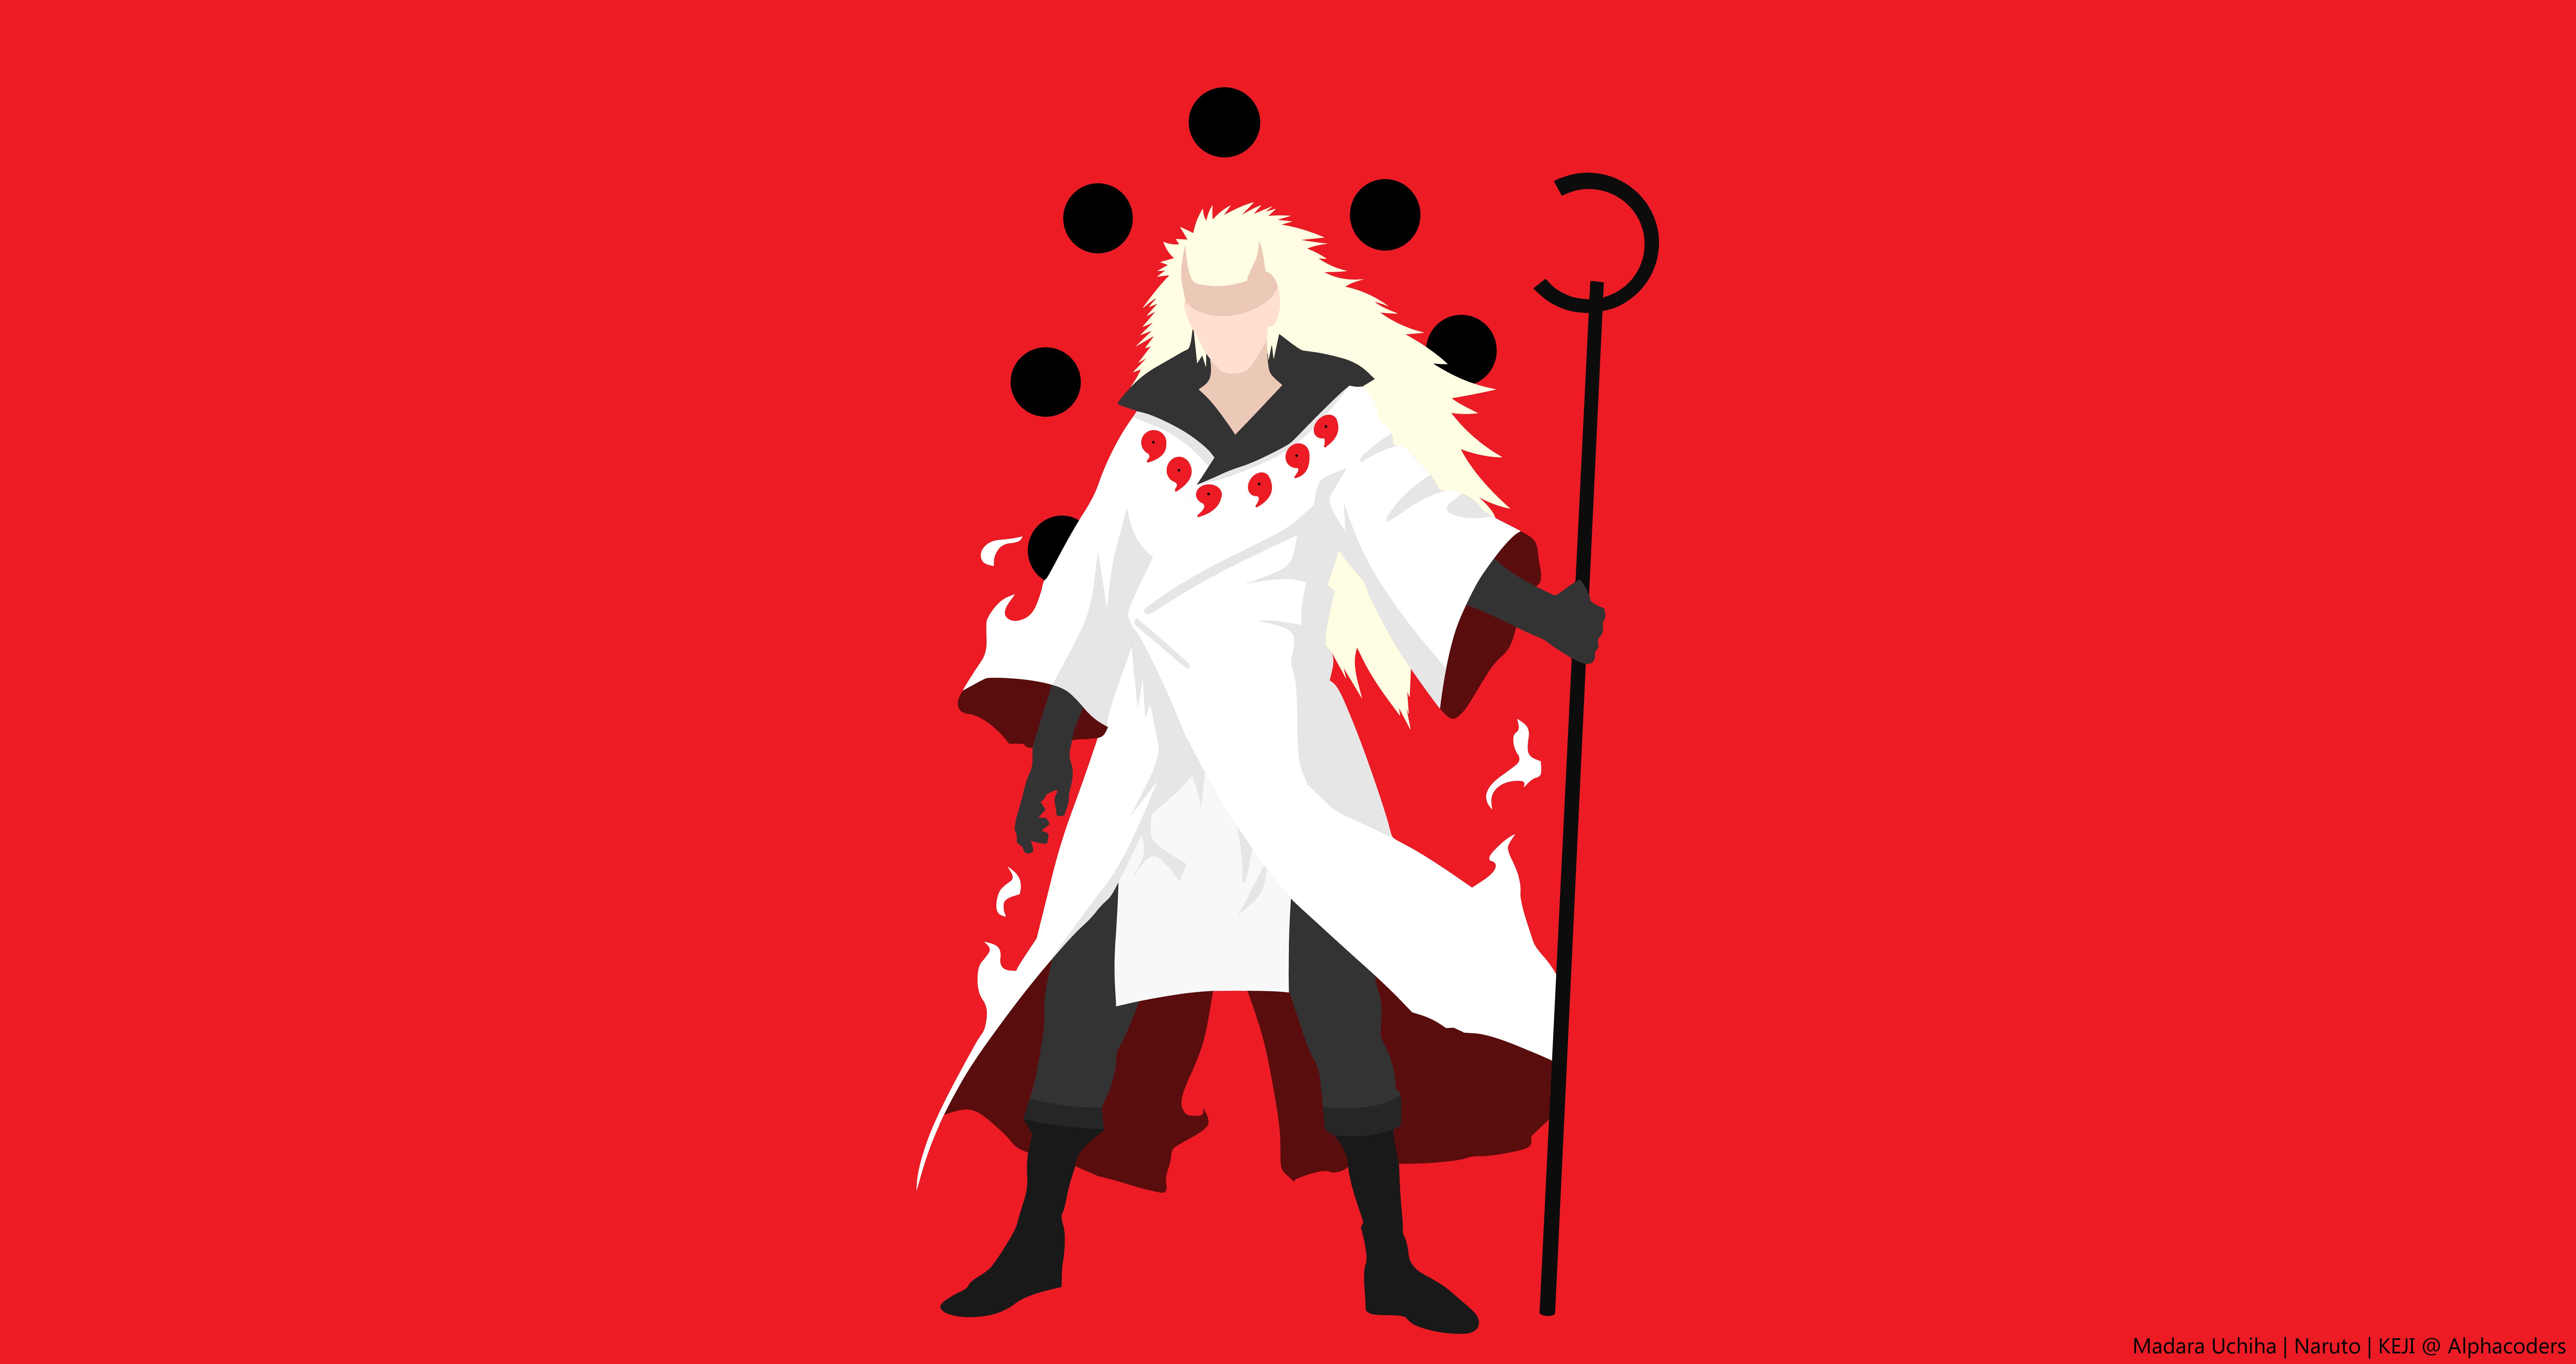 Boy Madara Uchiha Minimalist Naruto Sage Naruto Uchiha Clan 8500x4500